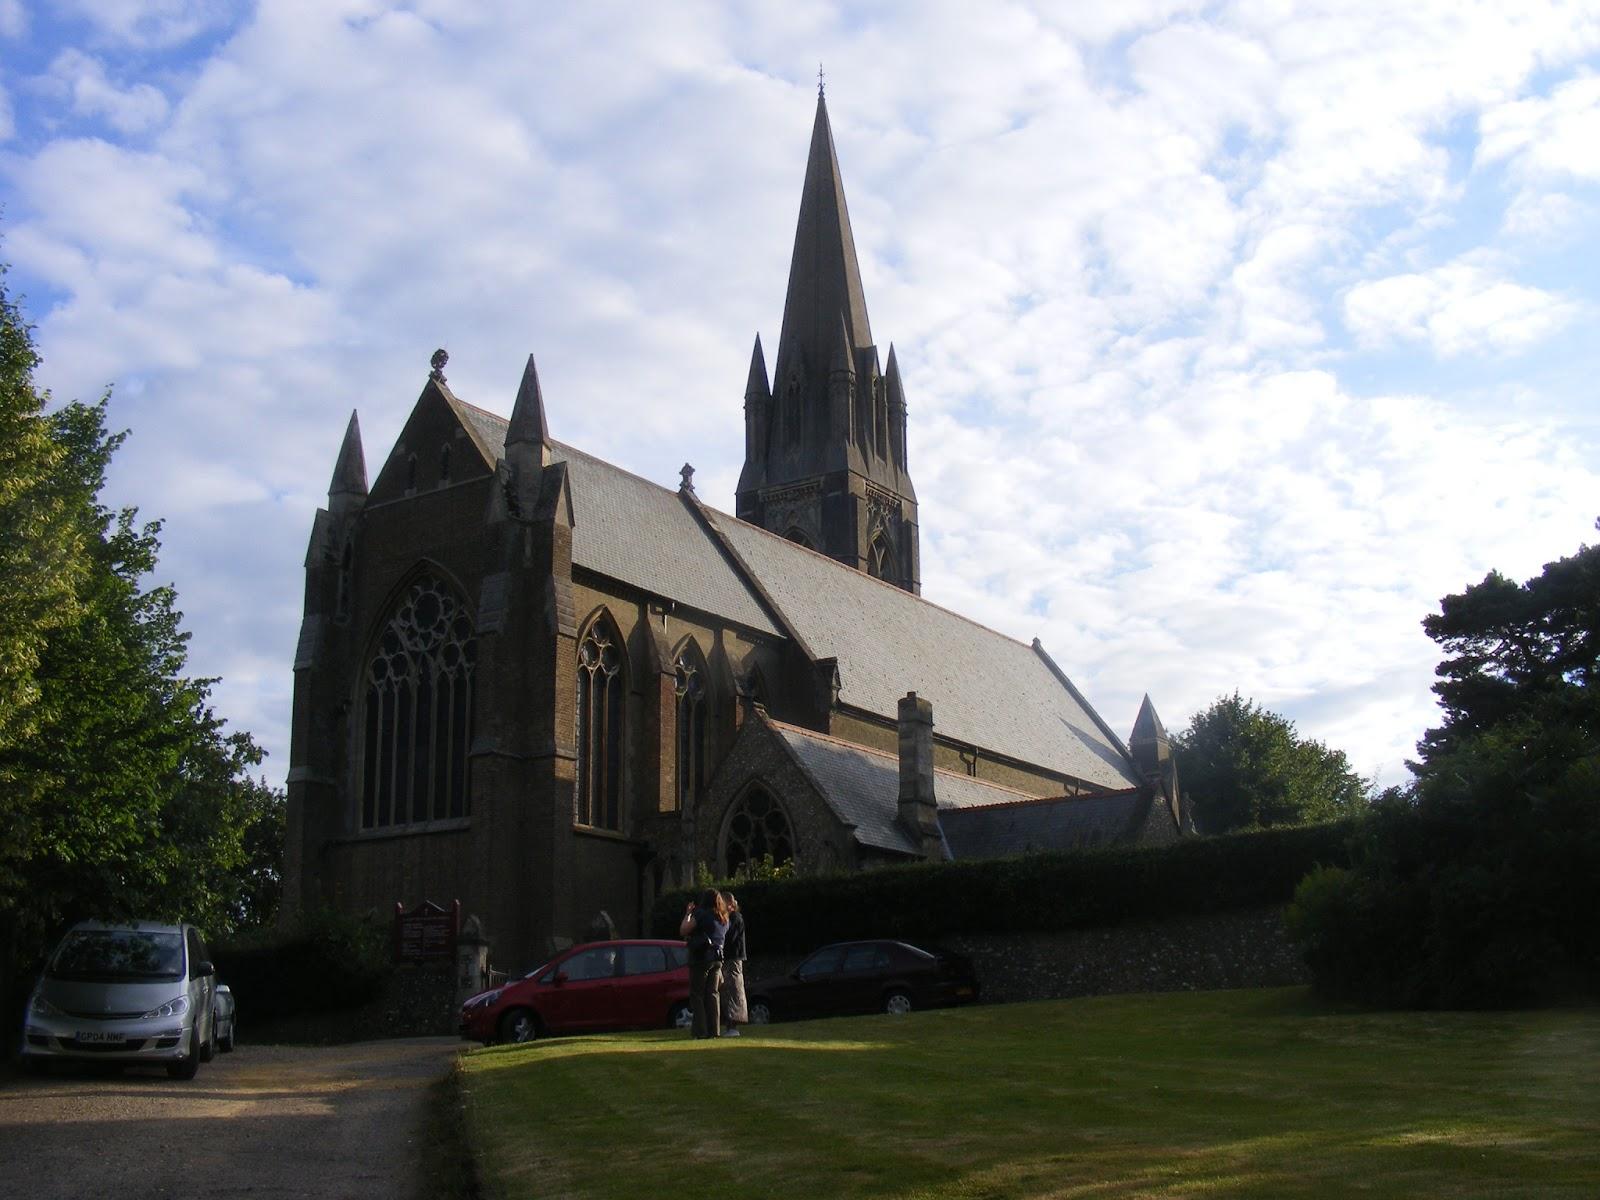 kościół, church, st. John